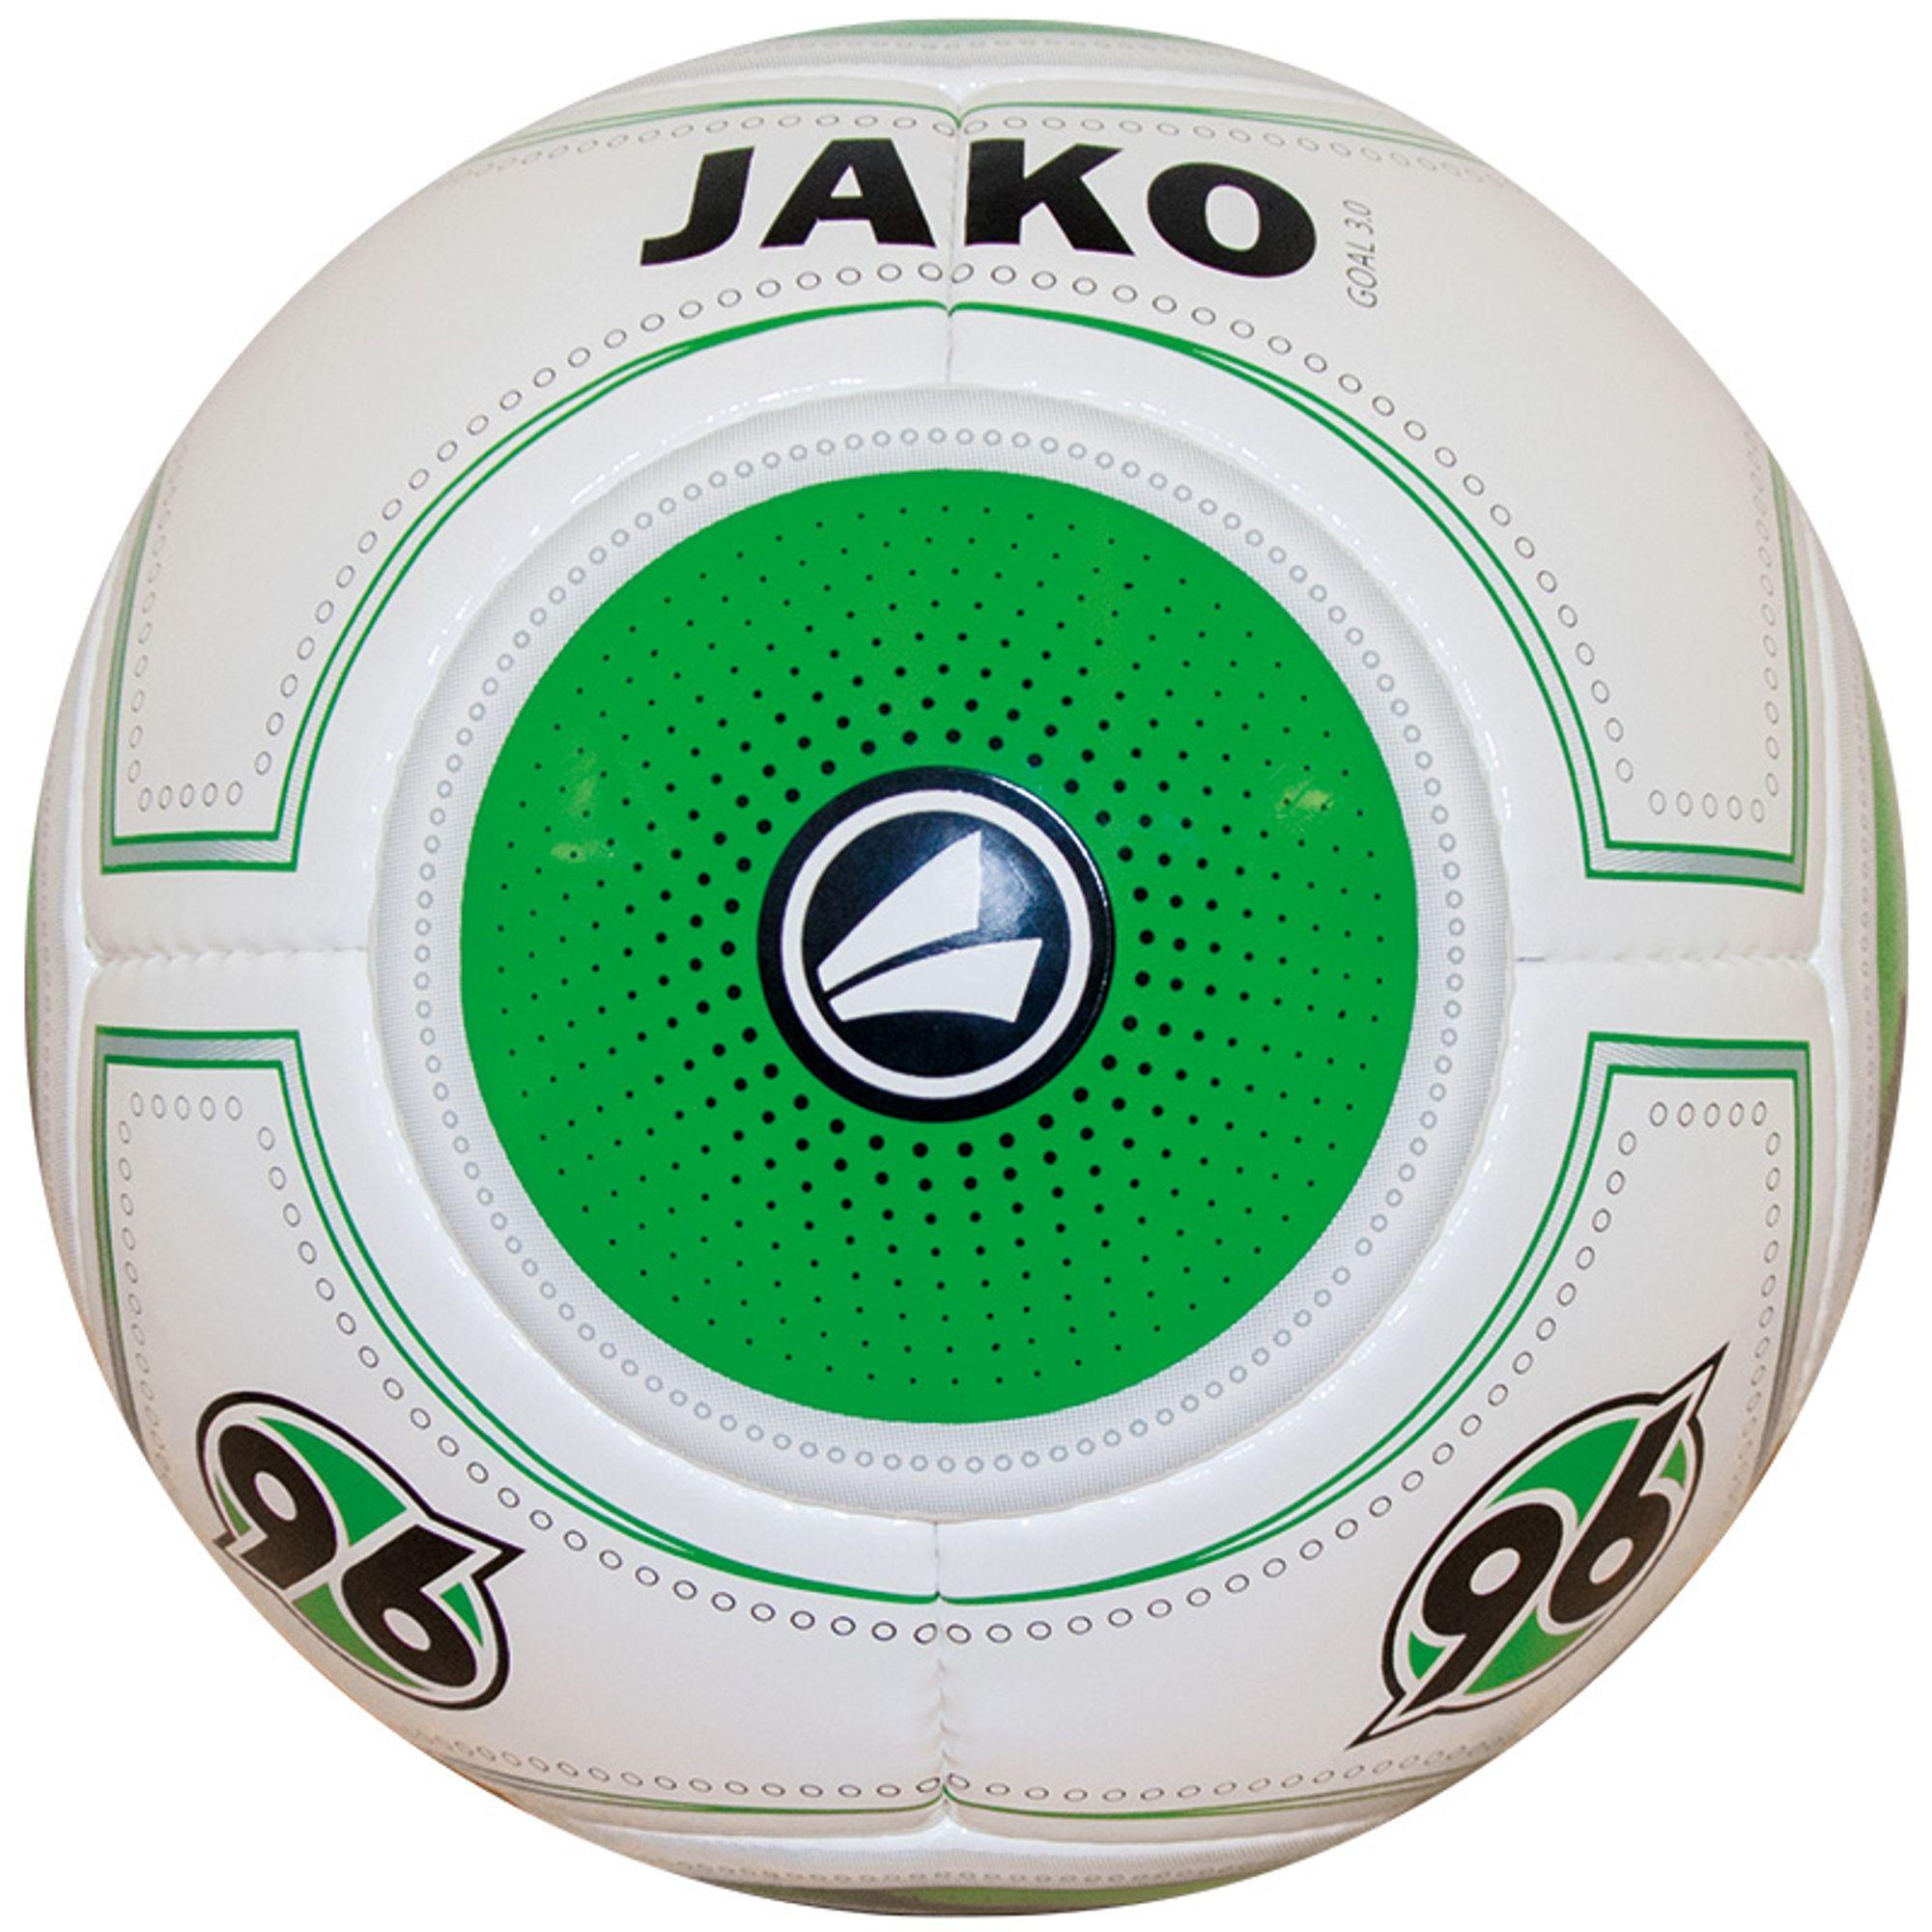 Jako Ball Hannover 96 Saison 2015/2016 - weiss/grün